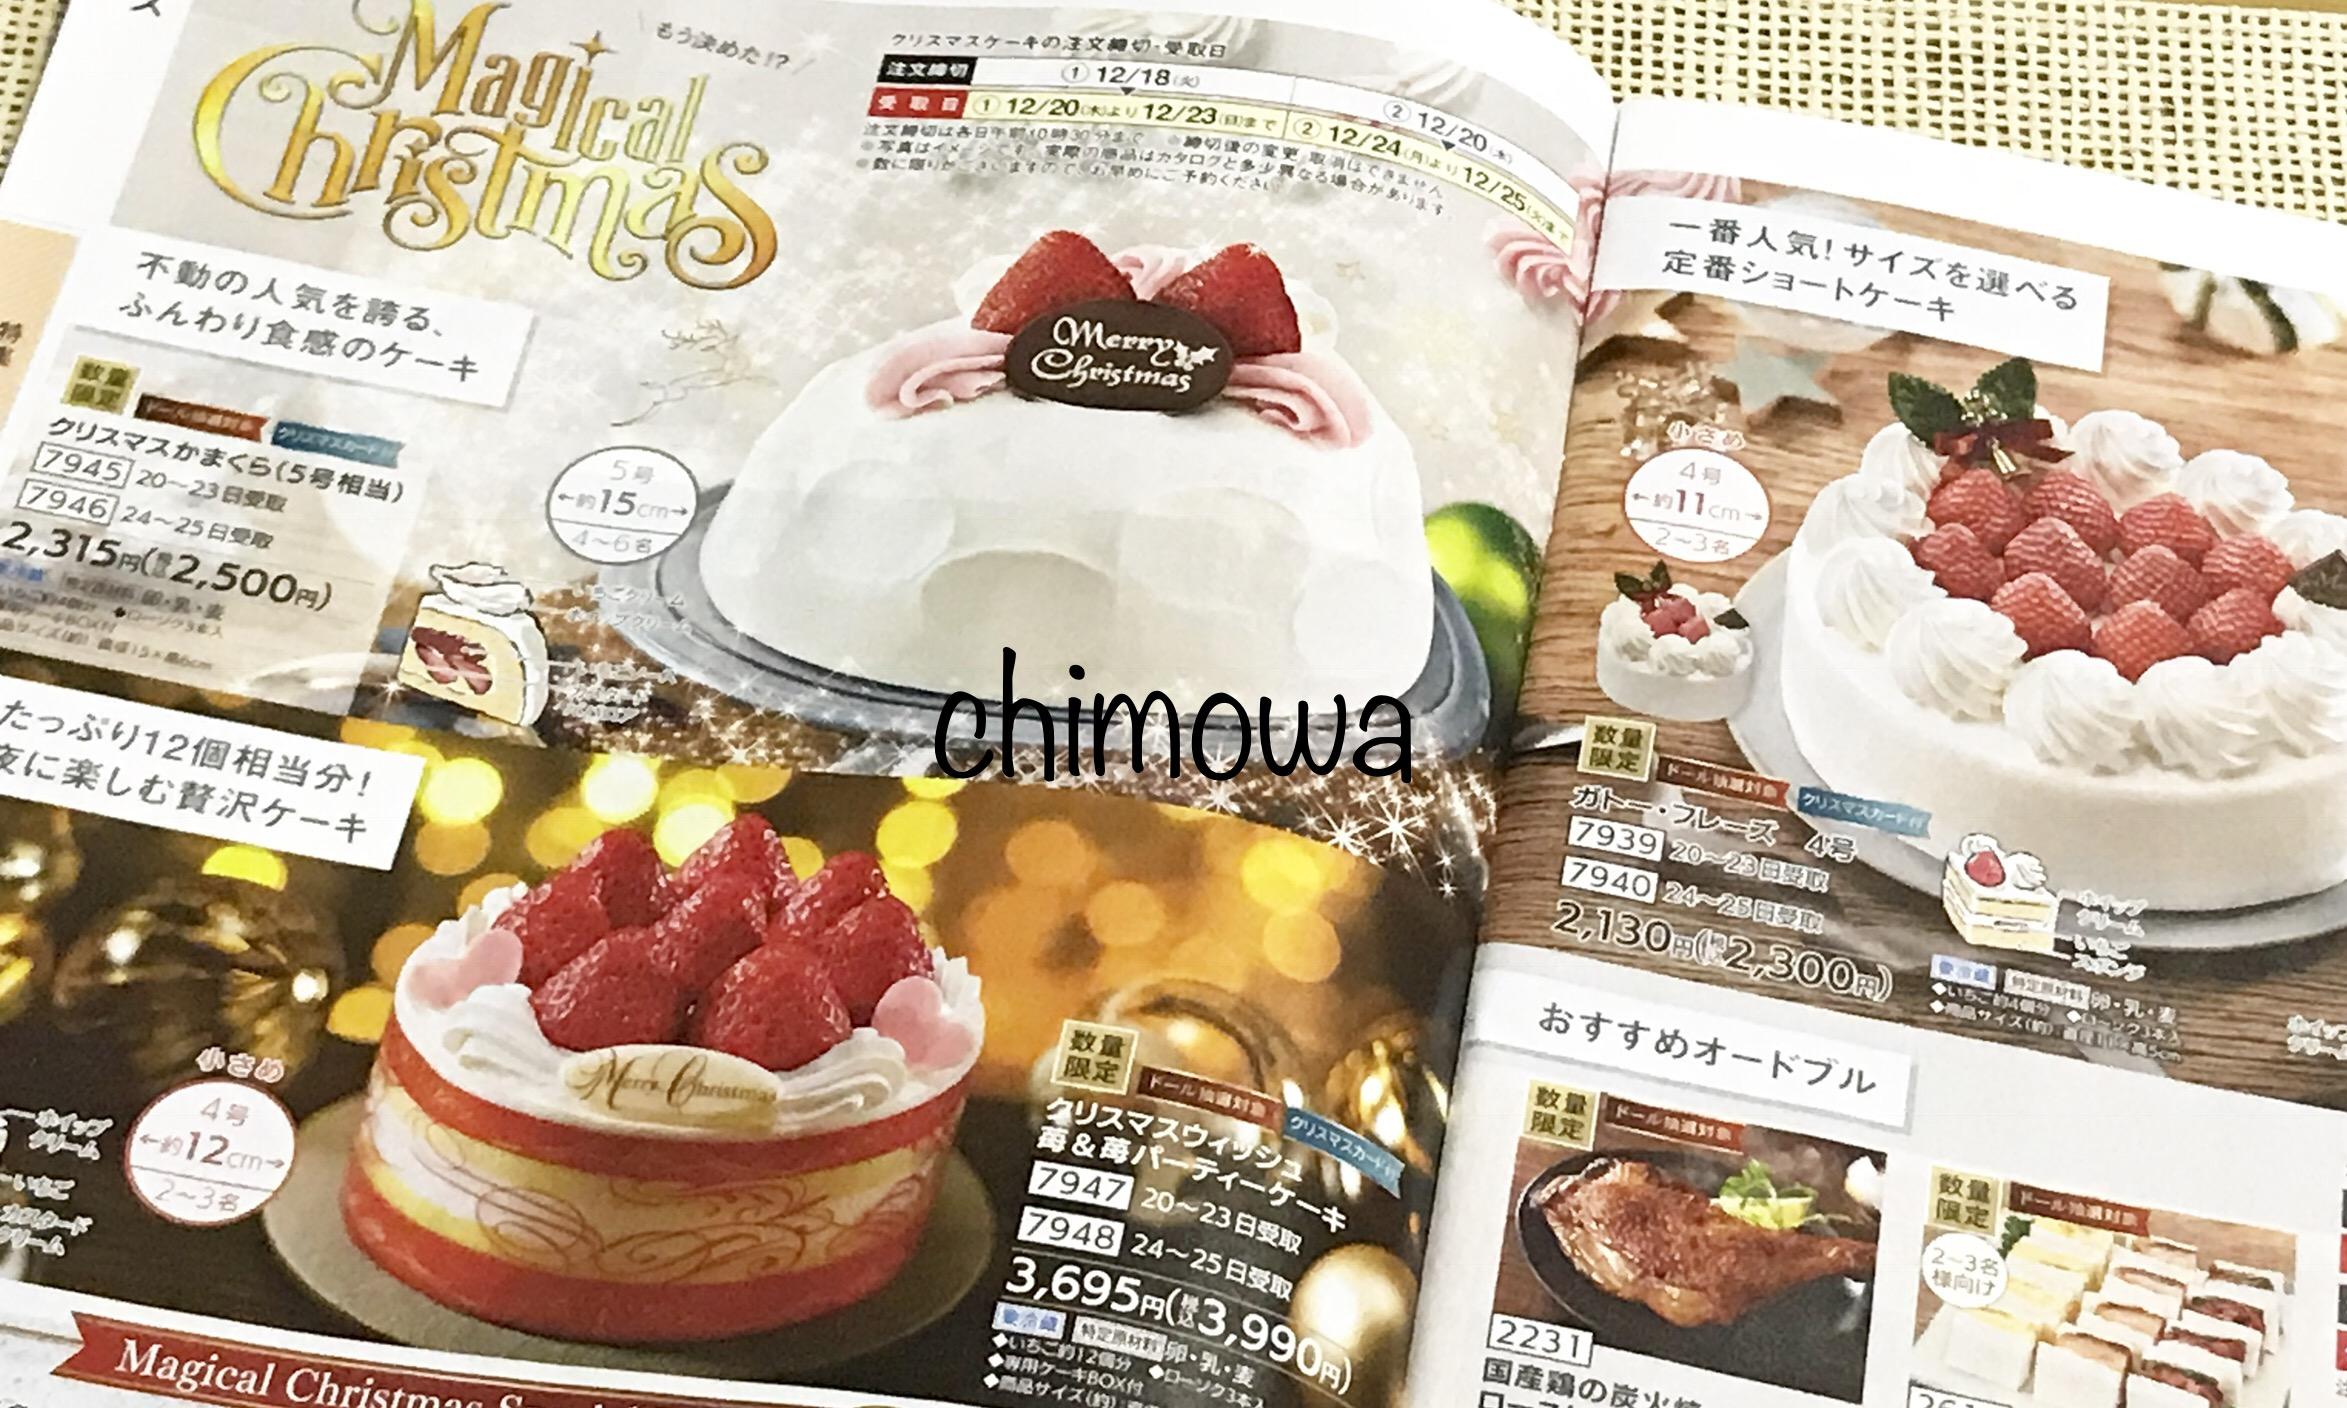 セブンミールのカタログよりセブン-イレブンのクリスマスケーキやオードブルの写真